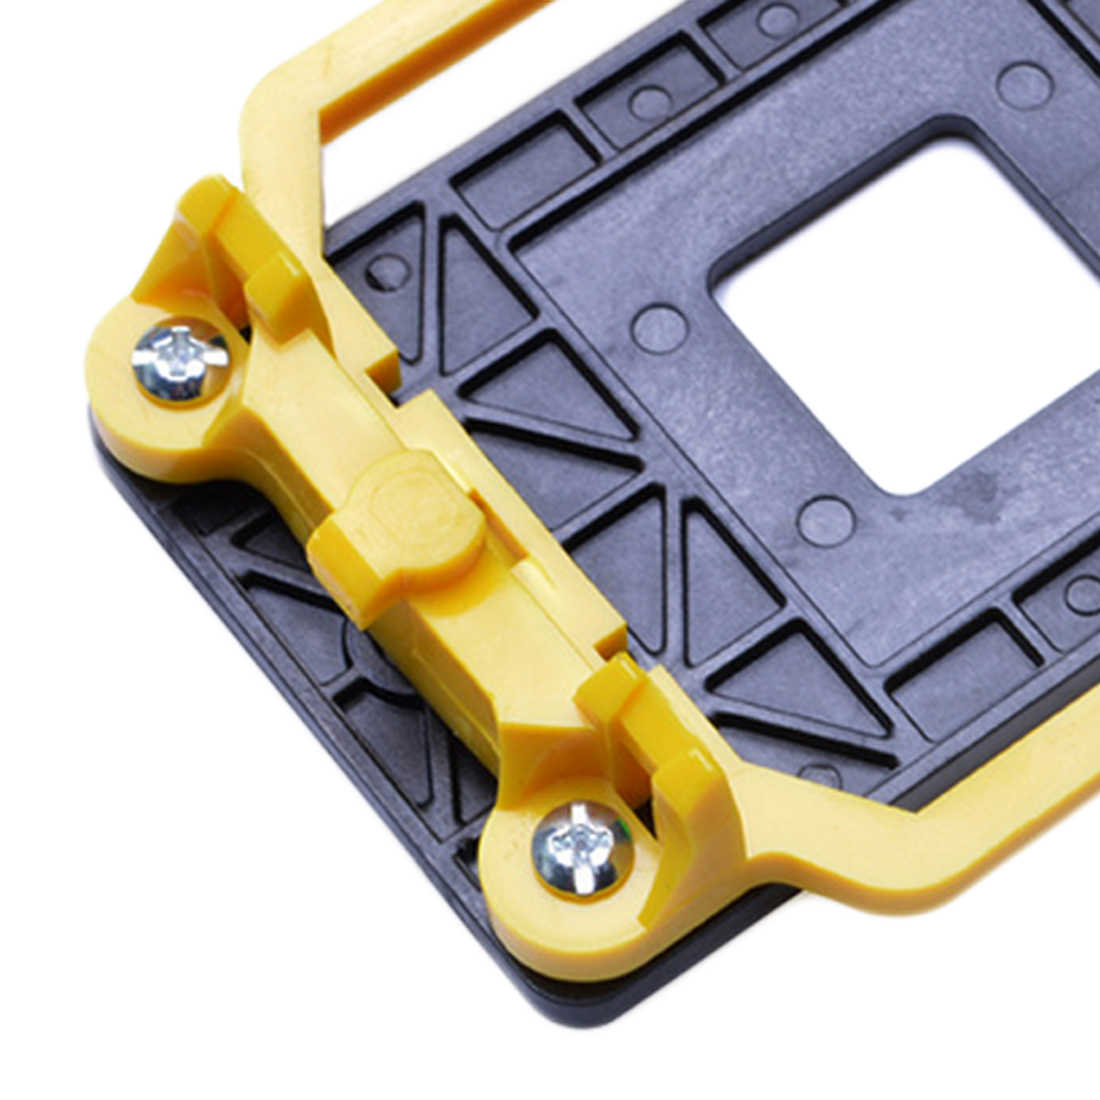 Etmakit Top Kwaliteit Cpu Cooler Beugel Moederbord Voor Amd AM2/AM2 +/AM3/AM3 +/FM1 /FM2/FM2 +/940/939 Installeren De Bevestiging